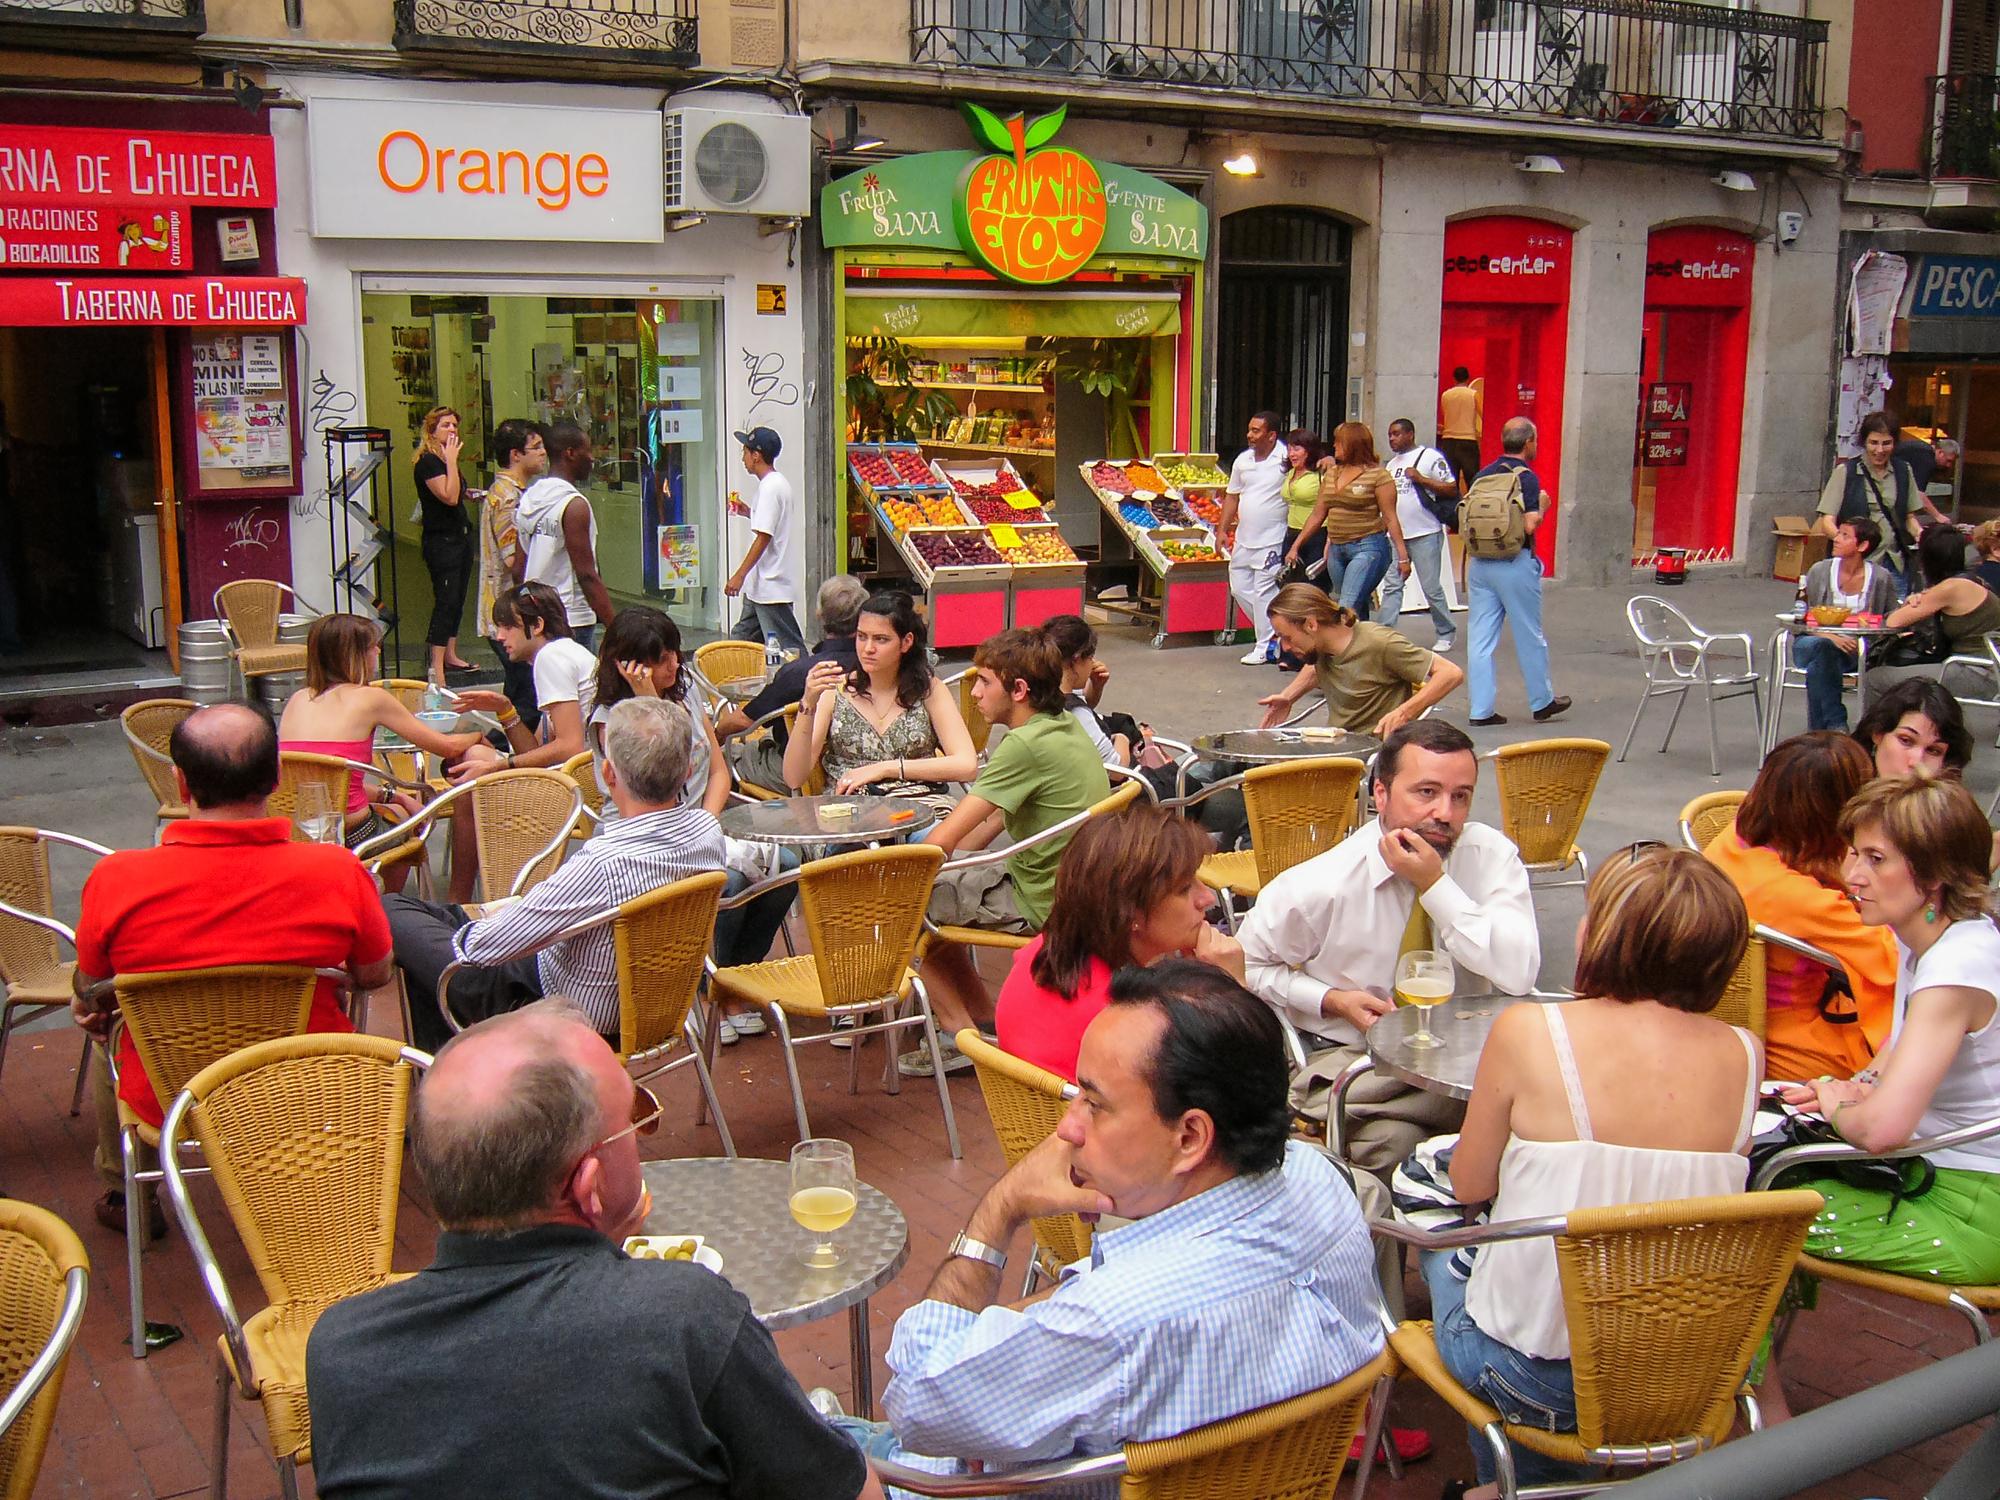 Chueca, Madrid, Spain